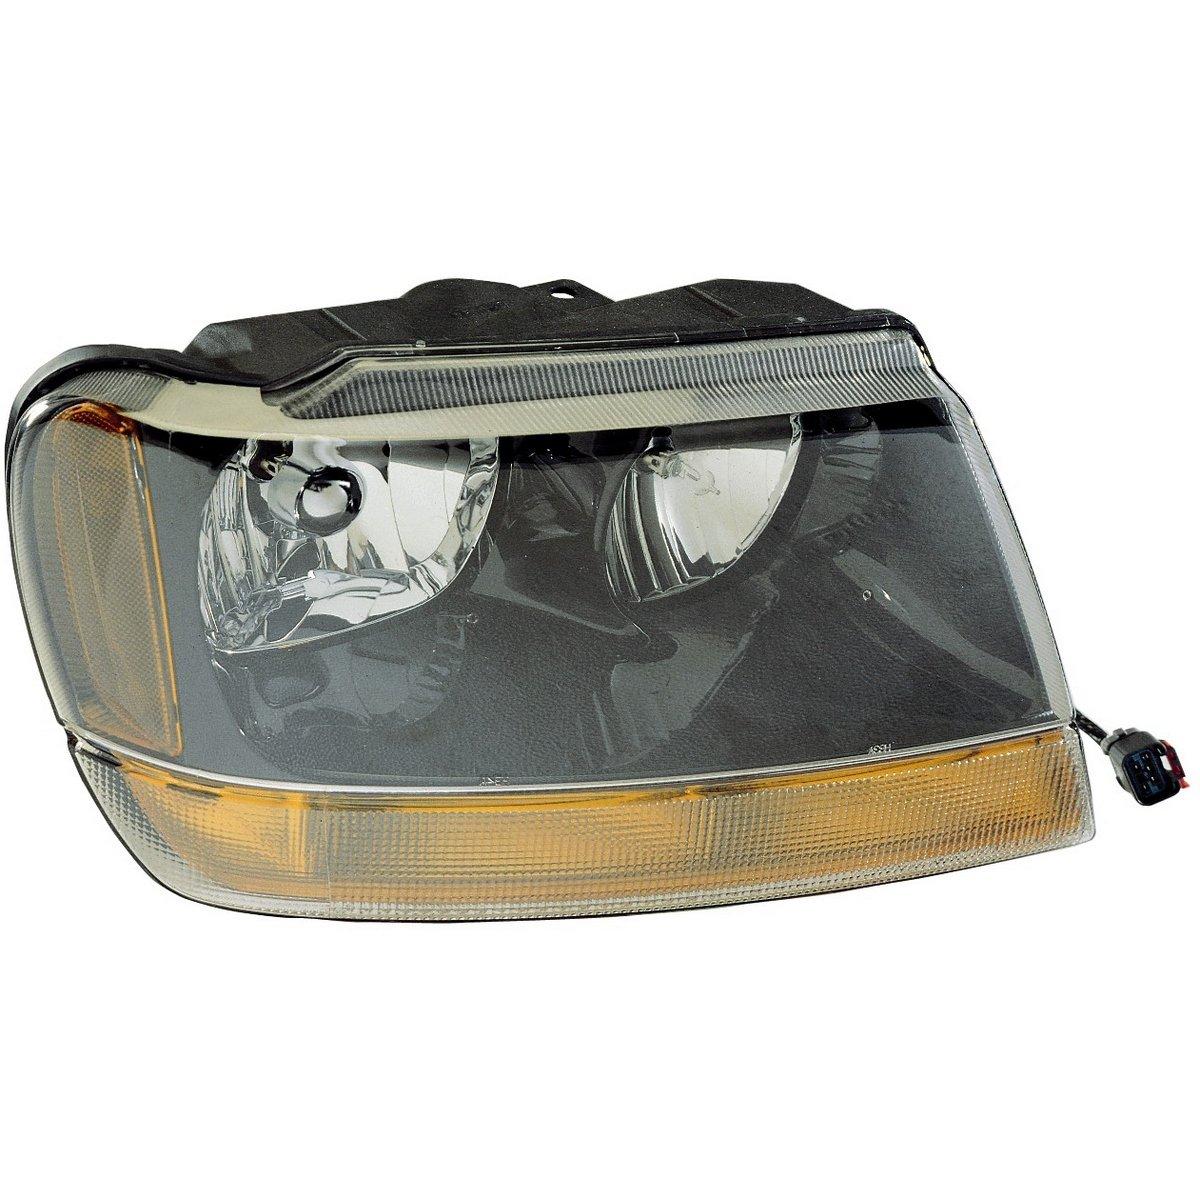 人気新品 Omix-ADA 12402.08 Grand Right 12402.08 Headlight, B000FQ24G2 99-04 Jeep Grand Cherokee WJ B000FQ24G2, 【築地通販】おいしいなショップ:d2198c54 --- outdev.net